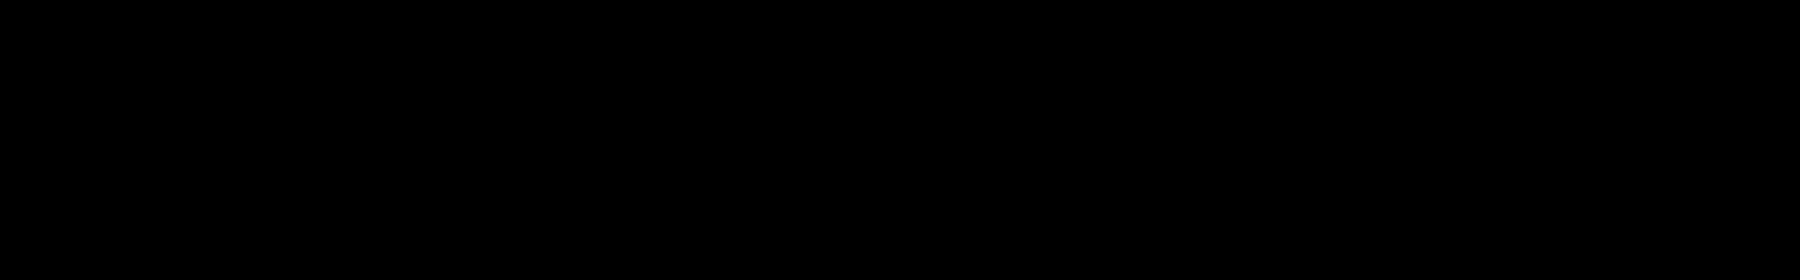 Lexicon 3 audio waveform